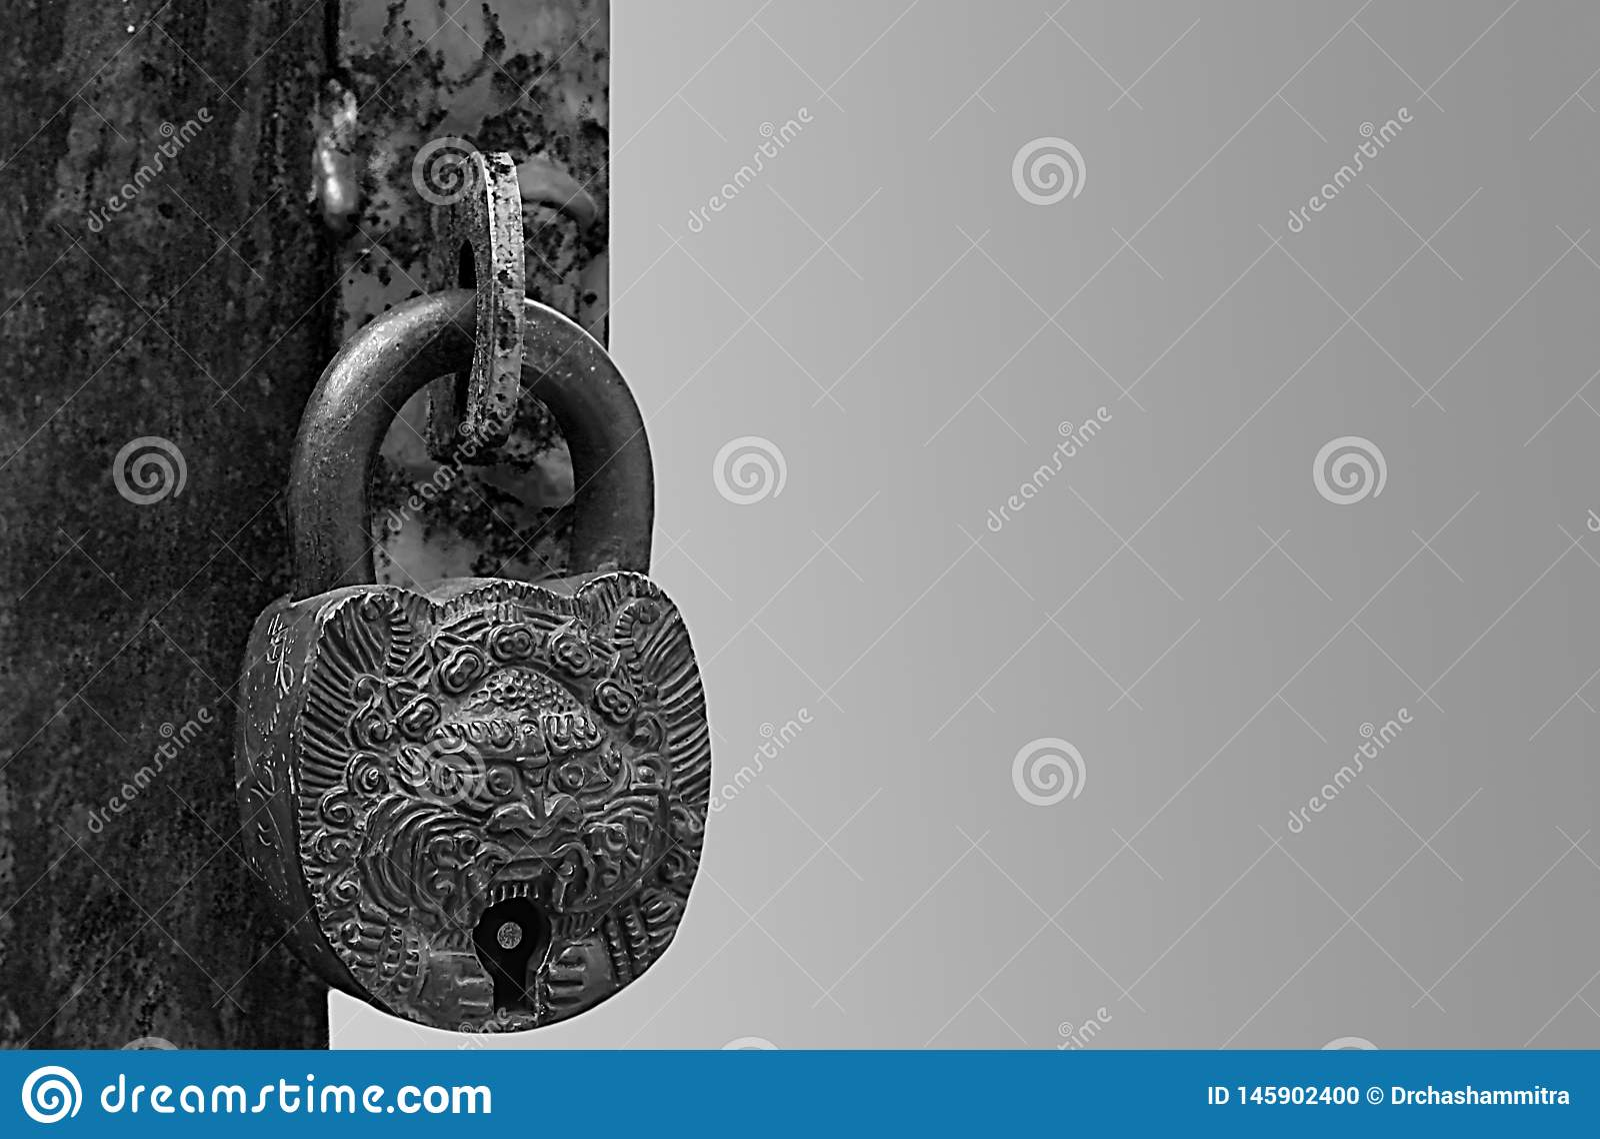 Una cerradura antigua en una manija aherrumbrada en blanco y negro